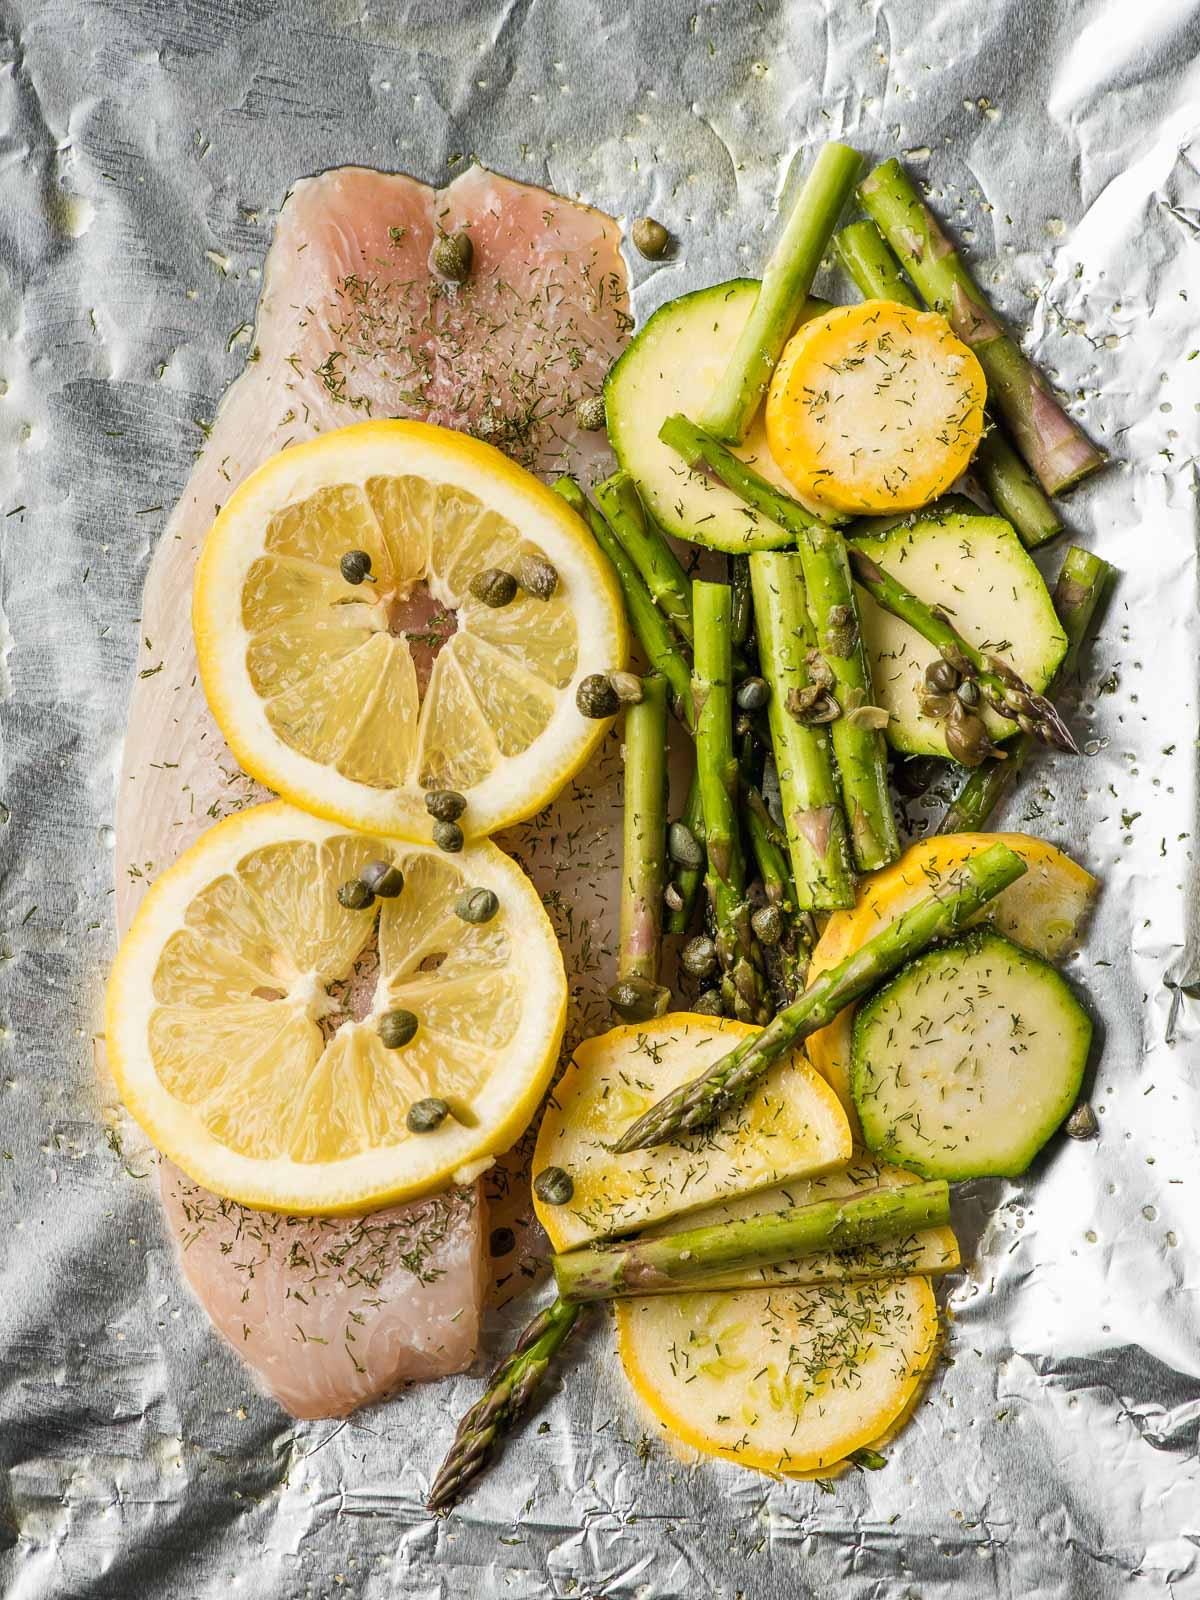 Foil packet loaded with uncooked tilapia fillet, sliced summer vegetables, slivers of butter, and lemon slices.